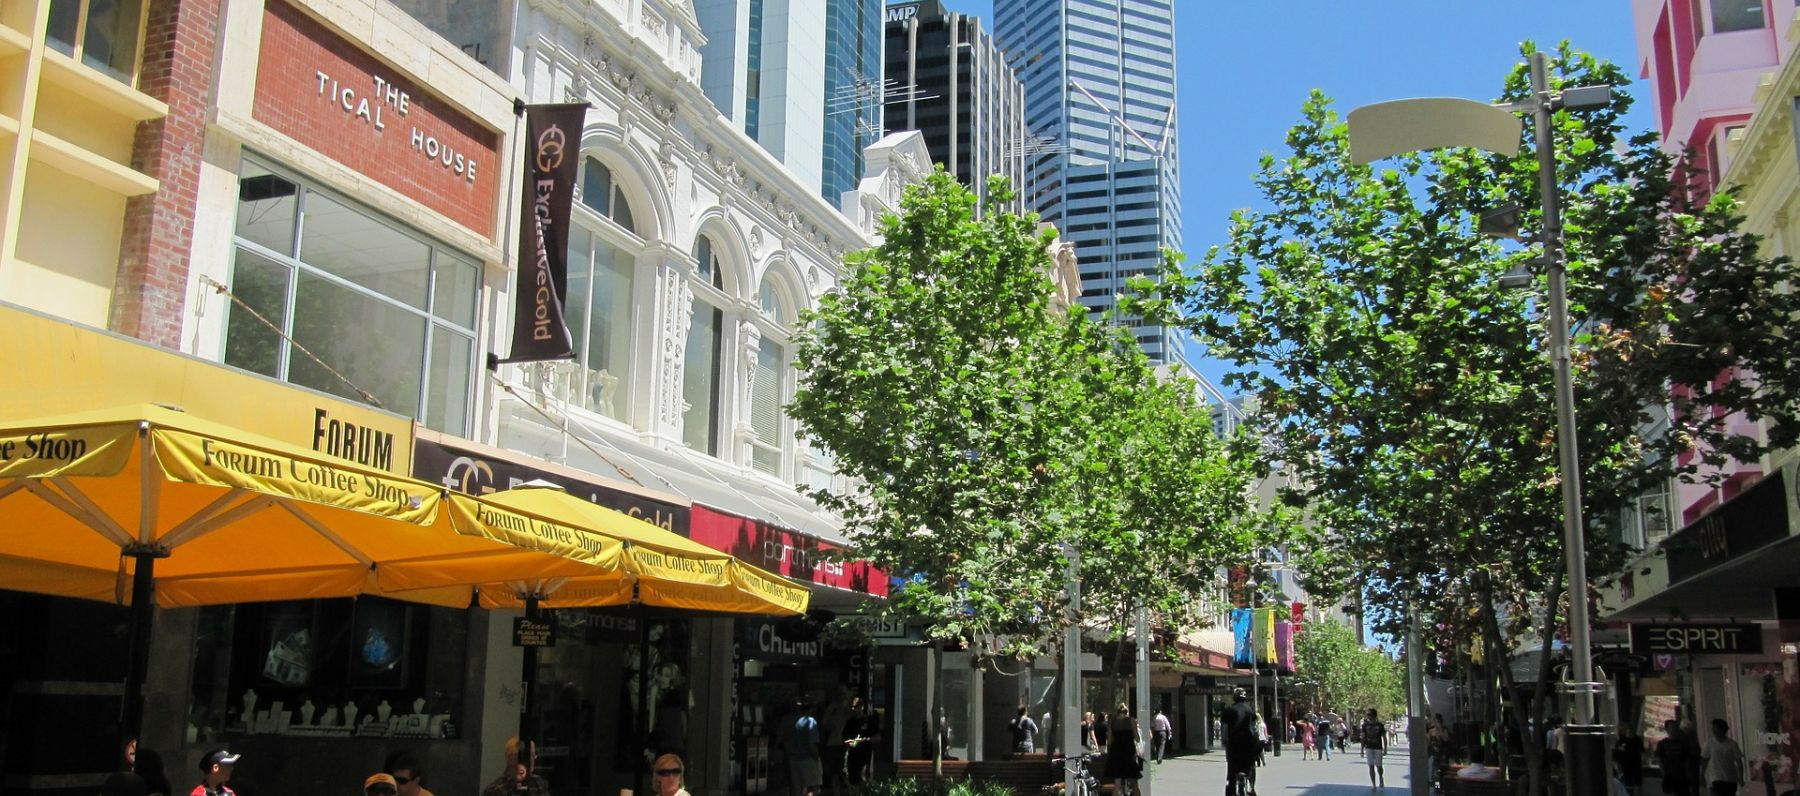 Shopping street scene in Perth